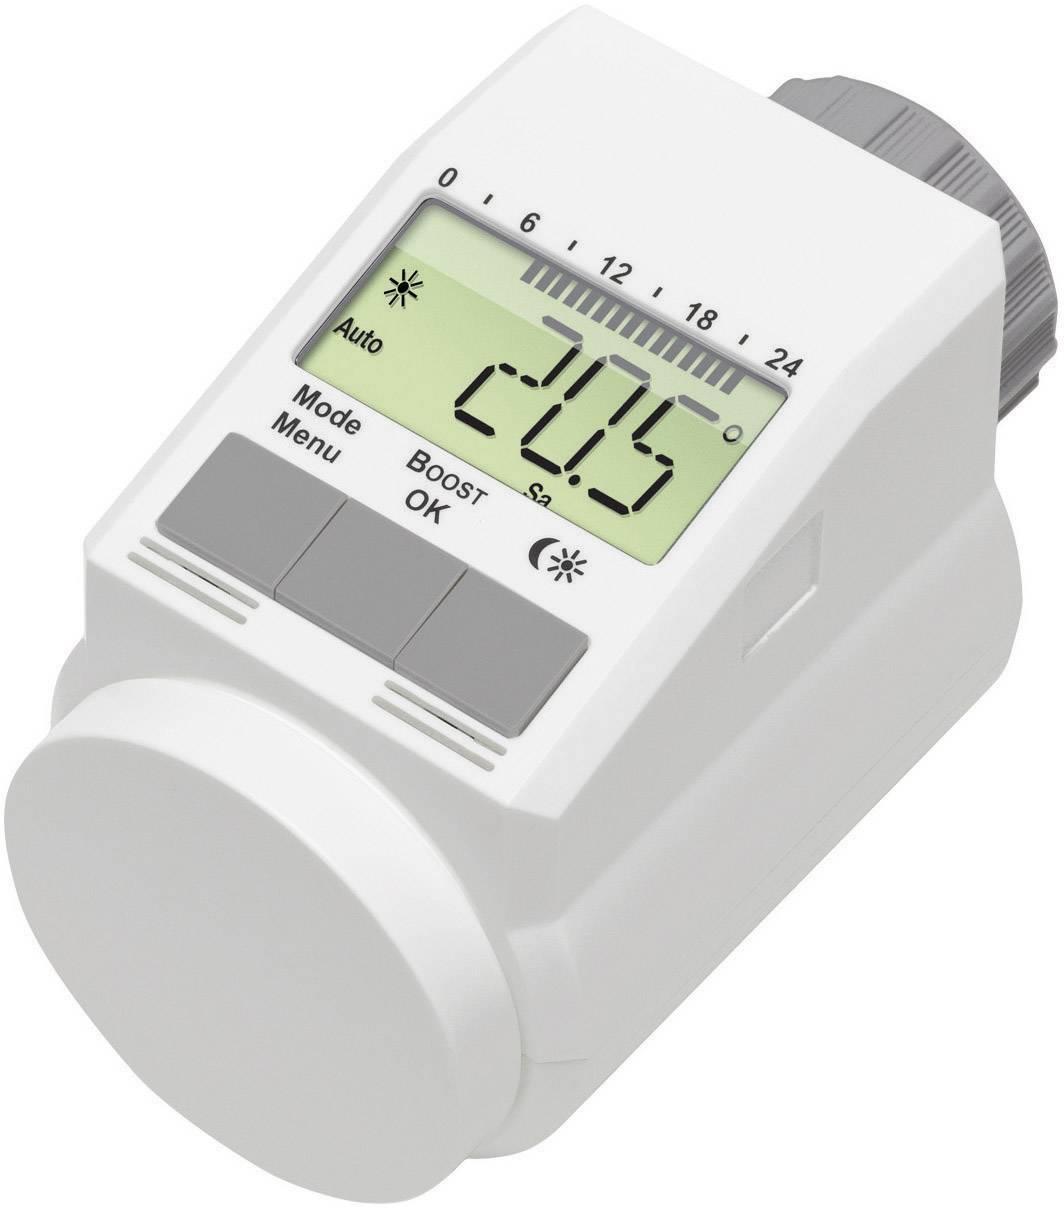 Ušetrite na vykurovaní s programovateľnými termostatickými hlavicami